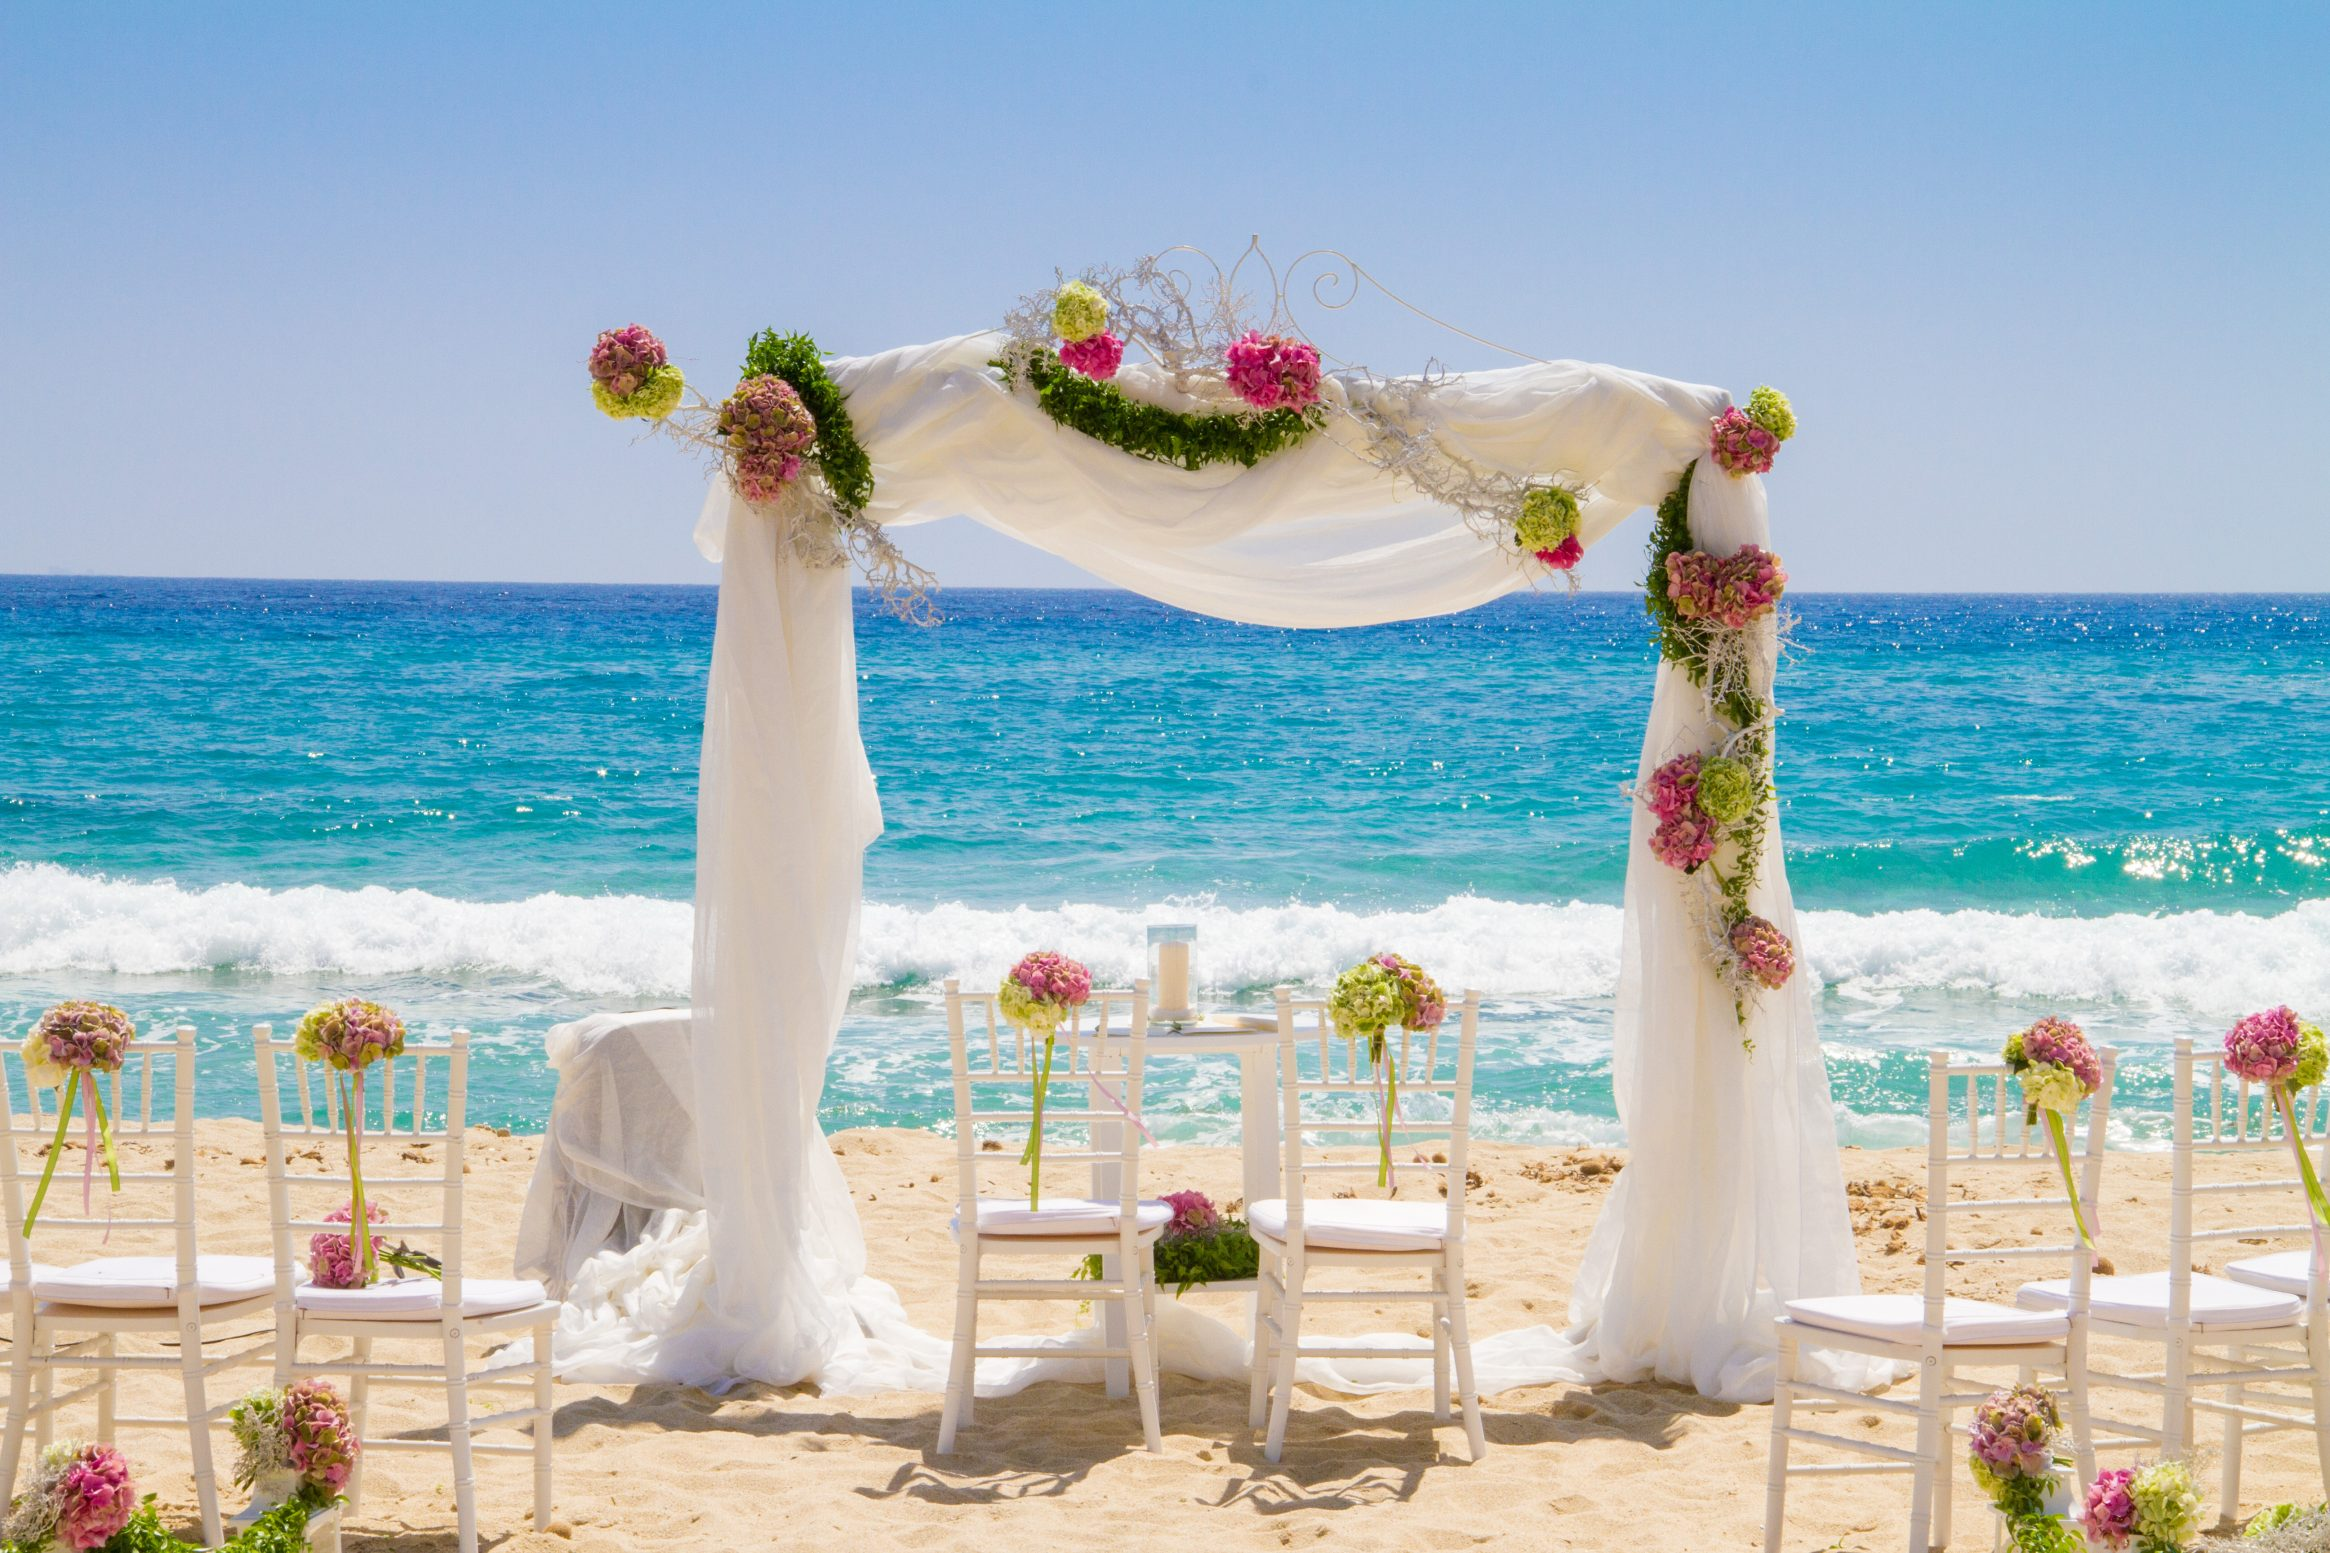 Matrimonio In Spiaggia Immagini : Matrimonio in spiaggia paola repetto consoli wedding